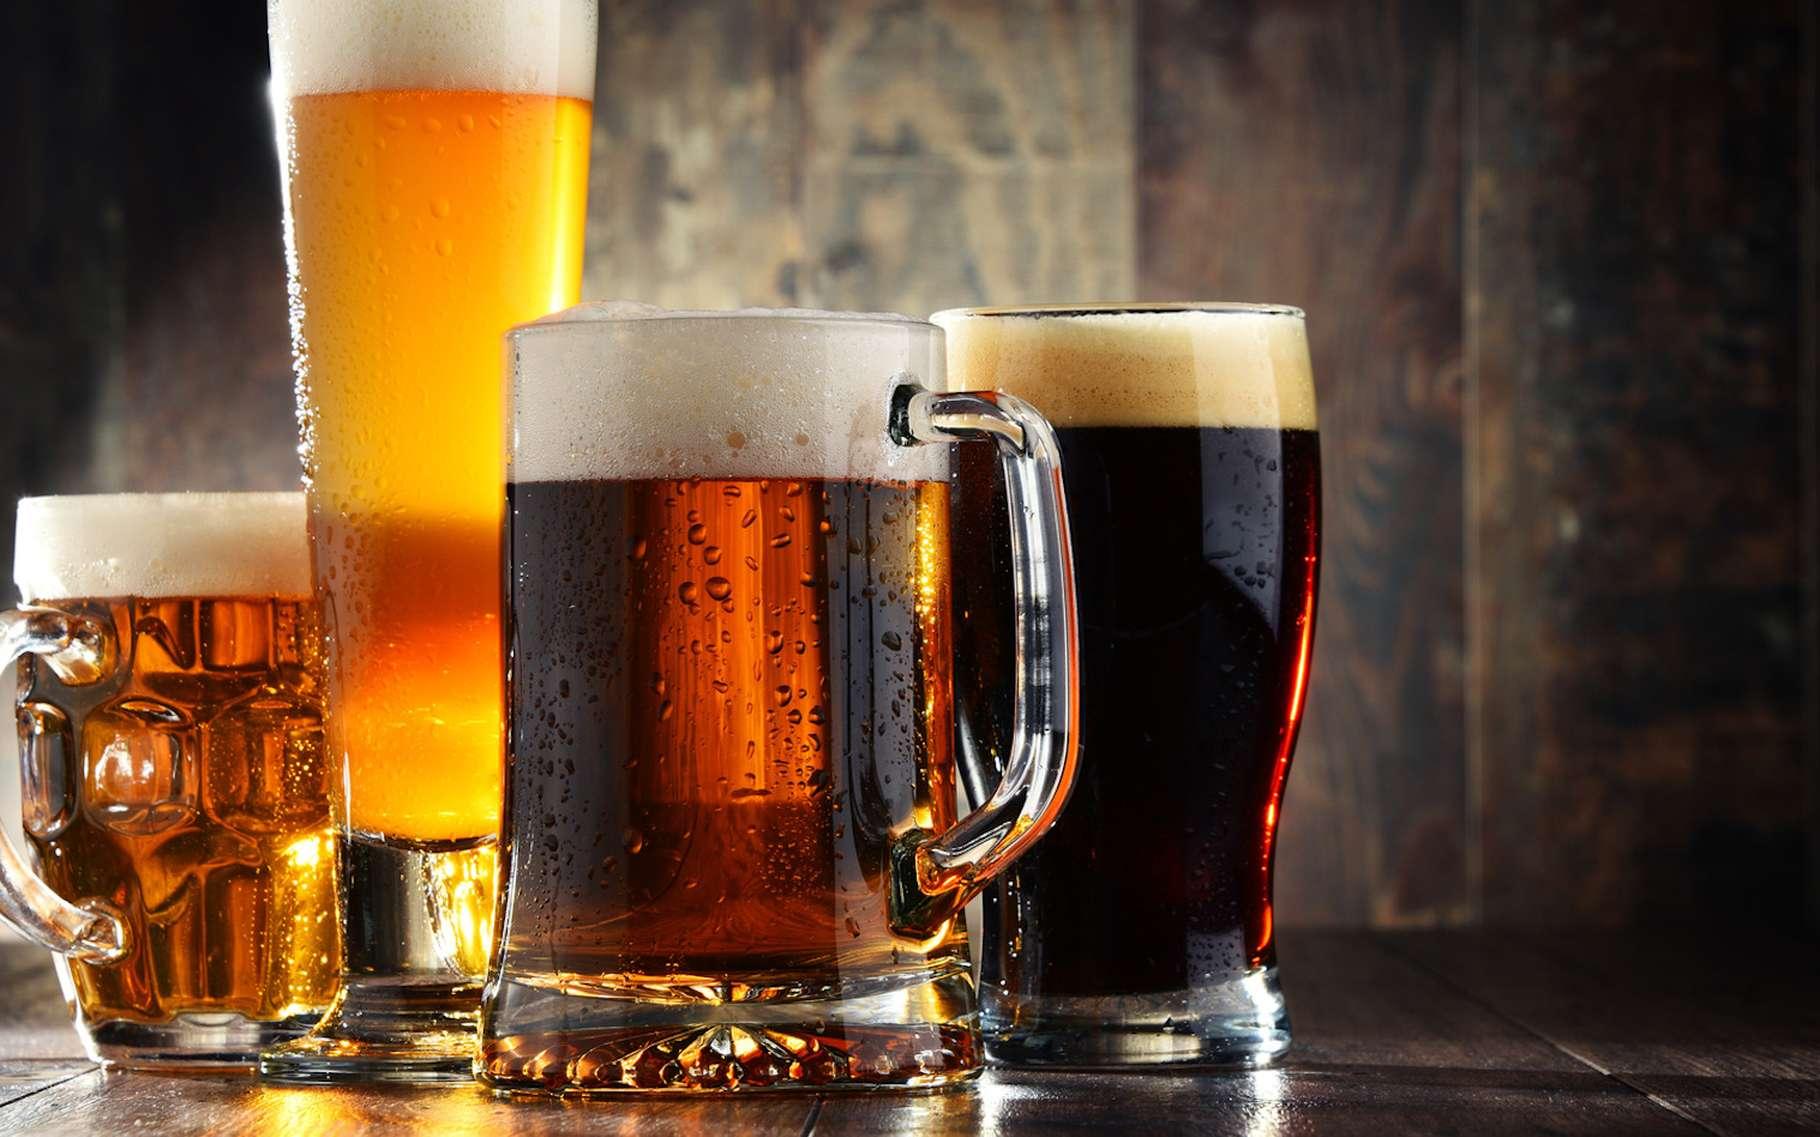 Une étude nous alerte sur les risques que fait peser le réchauffement climatique sur la production mondiale de bière. © monticellllo, Fotolia